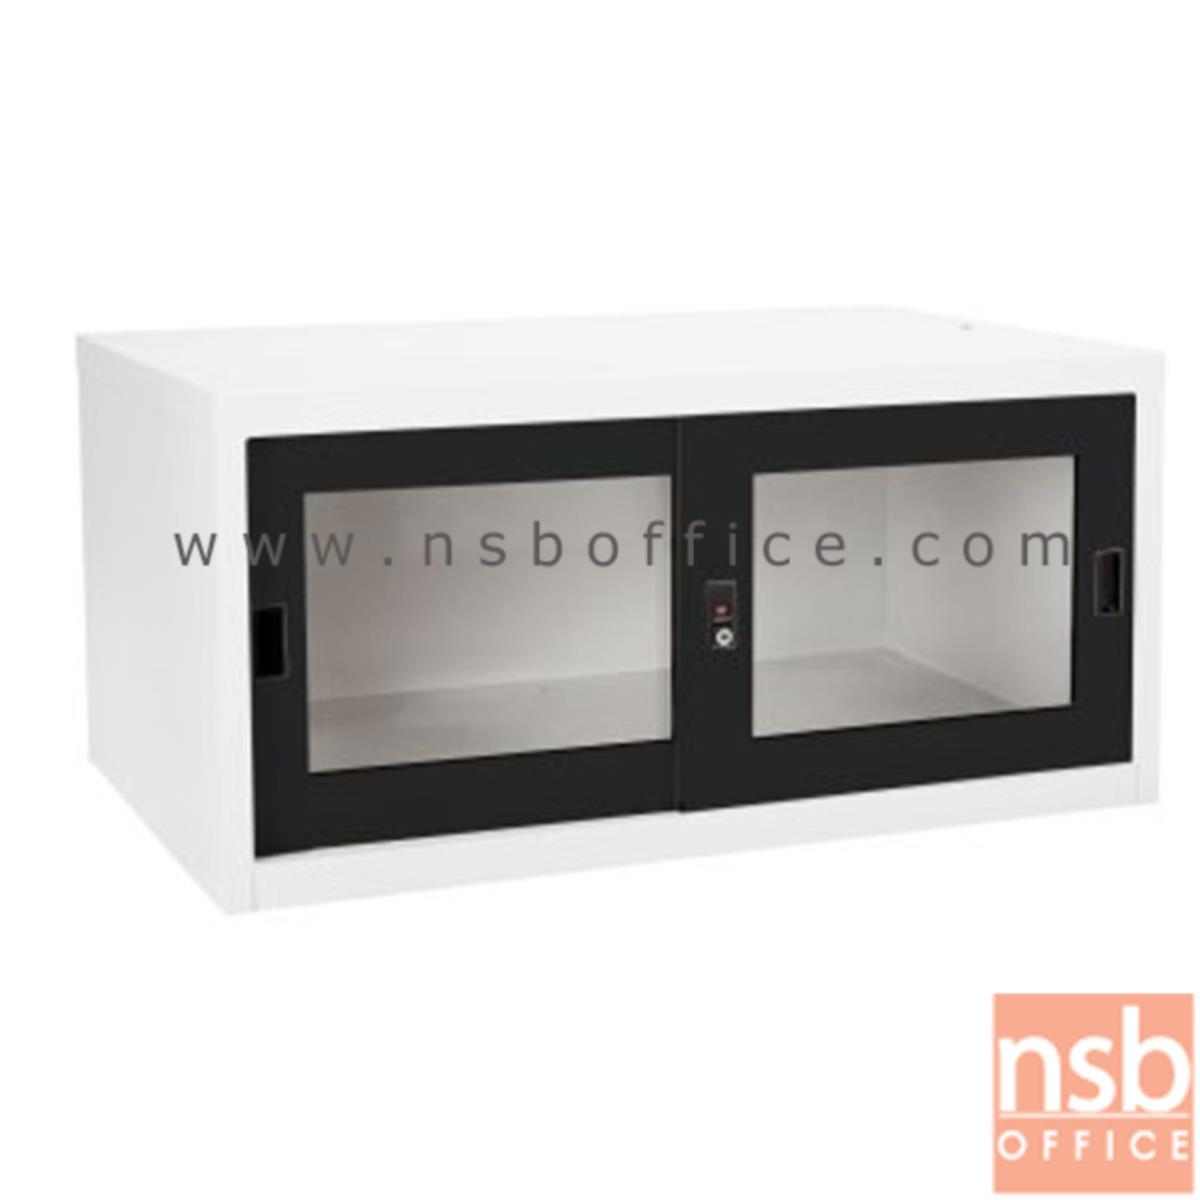 ตู้เสริมบนตู้เสื้อผ้าเหล็ก บานเลื่อนกระจก (สูงรวม 226 cm.) รุ่น SGC-04